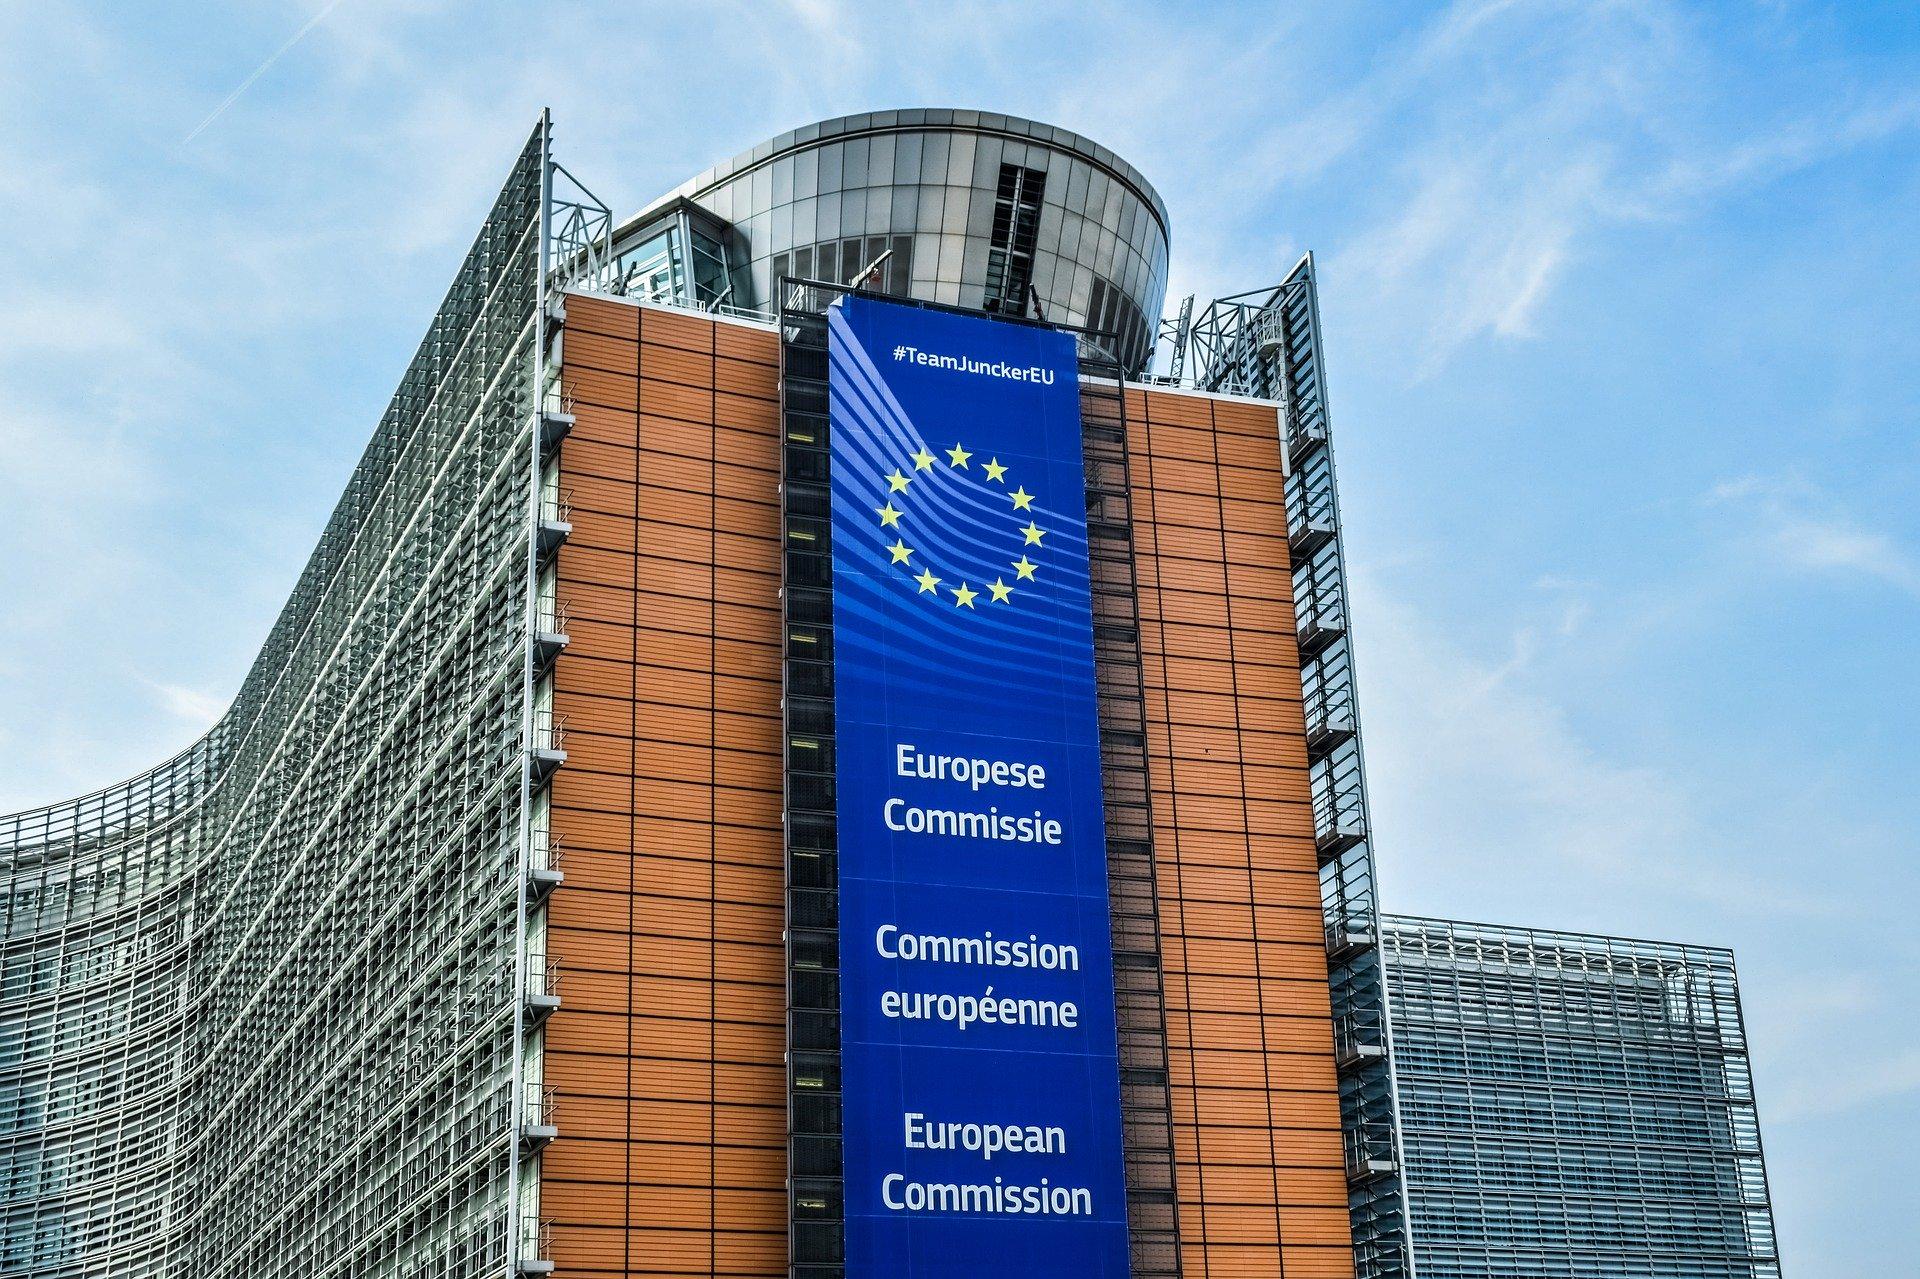 Bild auf dem ein Gebäude der Europäischen Kommission zu sehen ist. An dem Gebäude hängt eine große Flagge der EU.